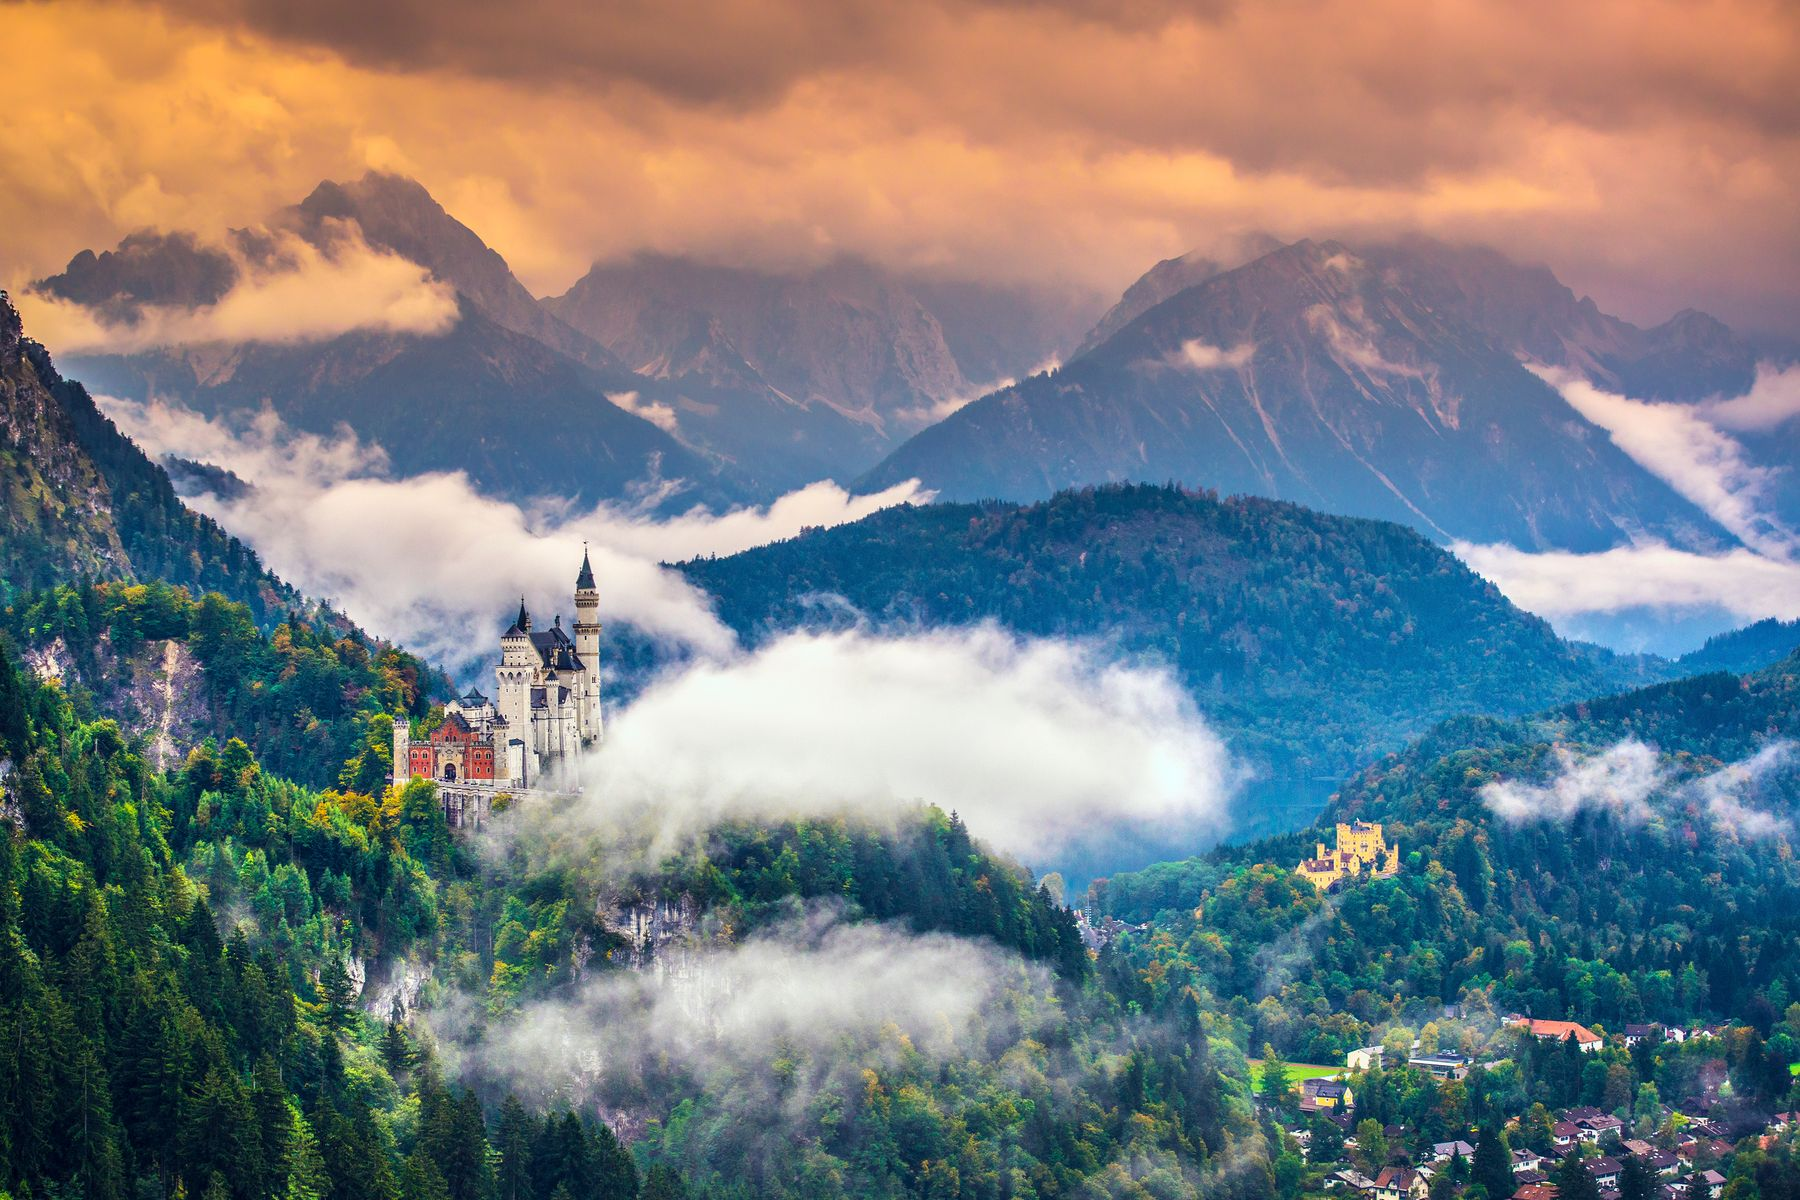 Лучшие маршруты по Германии на машине. Замок Нойшванштайн (также Нейшванштейн, нем. Schloss Neuschwanstein, буквально: «Новый лебединый утёс») — романтический замок баварского короля Людвига II около городка Фюссен и замка Хоэншвангау в юго-западной Баварии, недалеко от австрийской границы